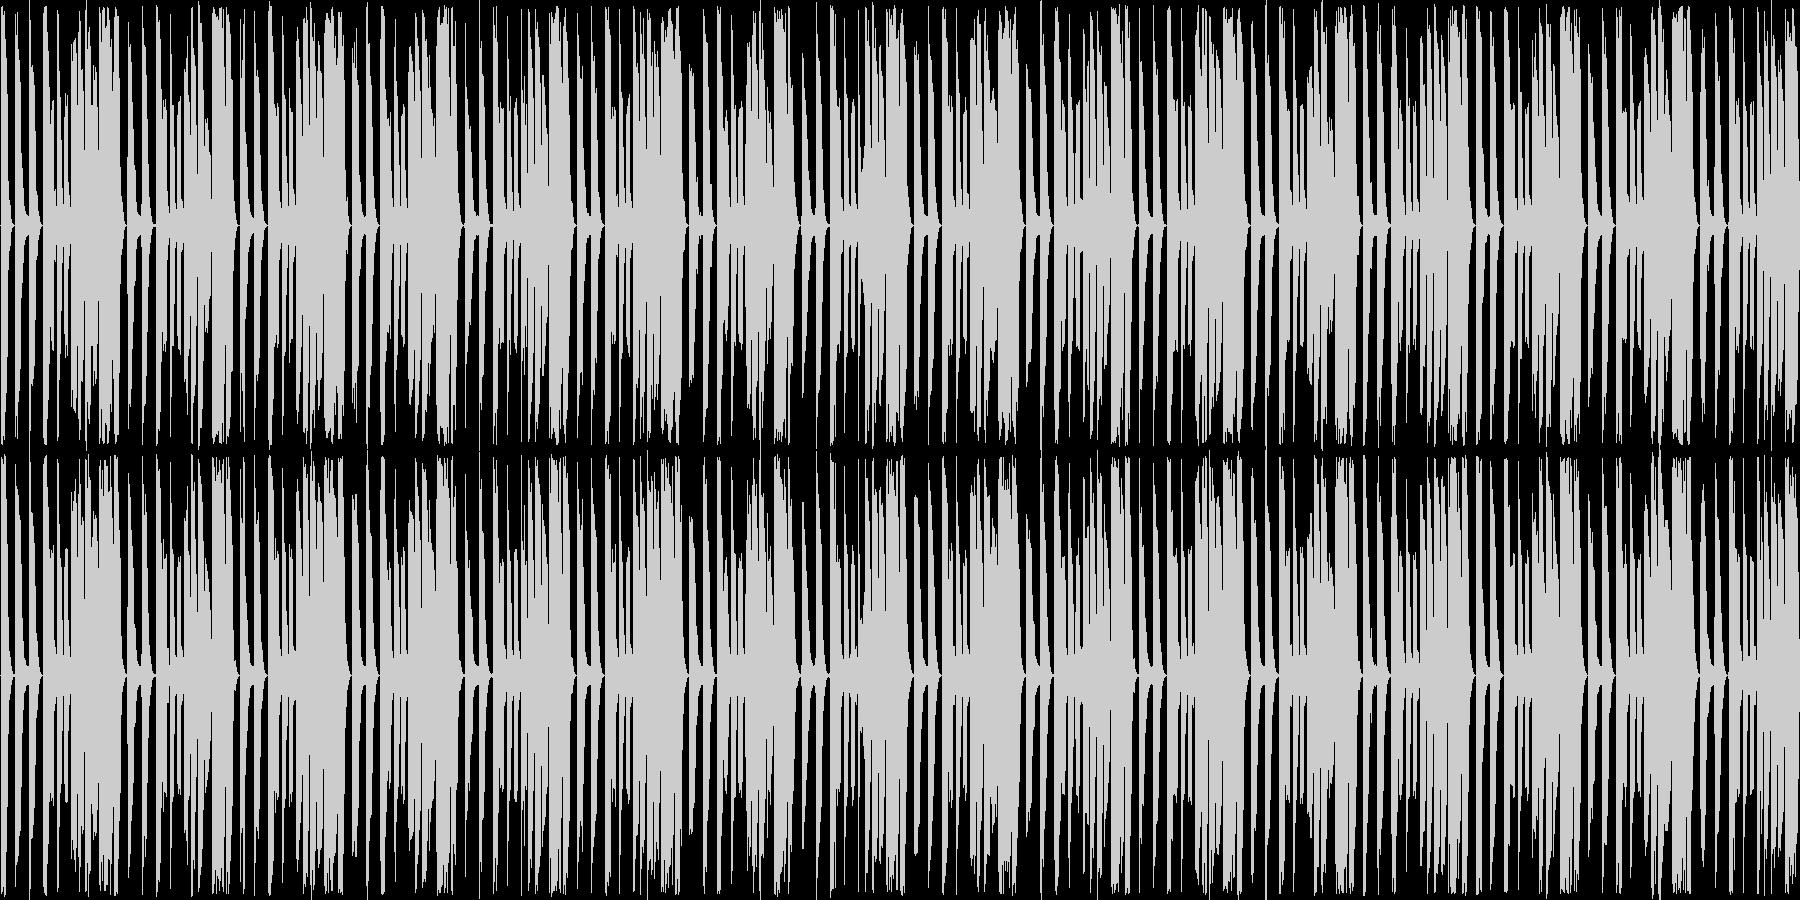 【コミカルなシーンにピッタリなBGM】の未再生の波形